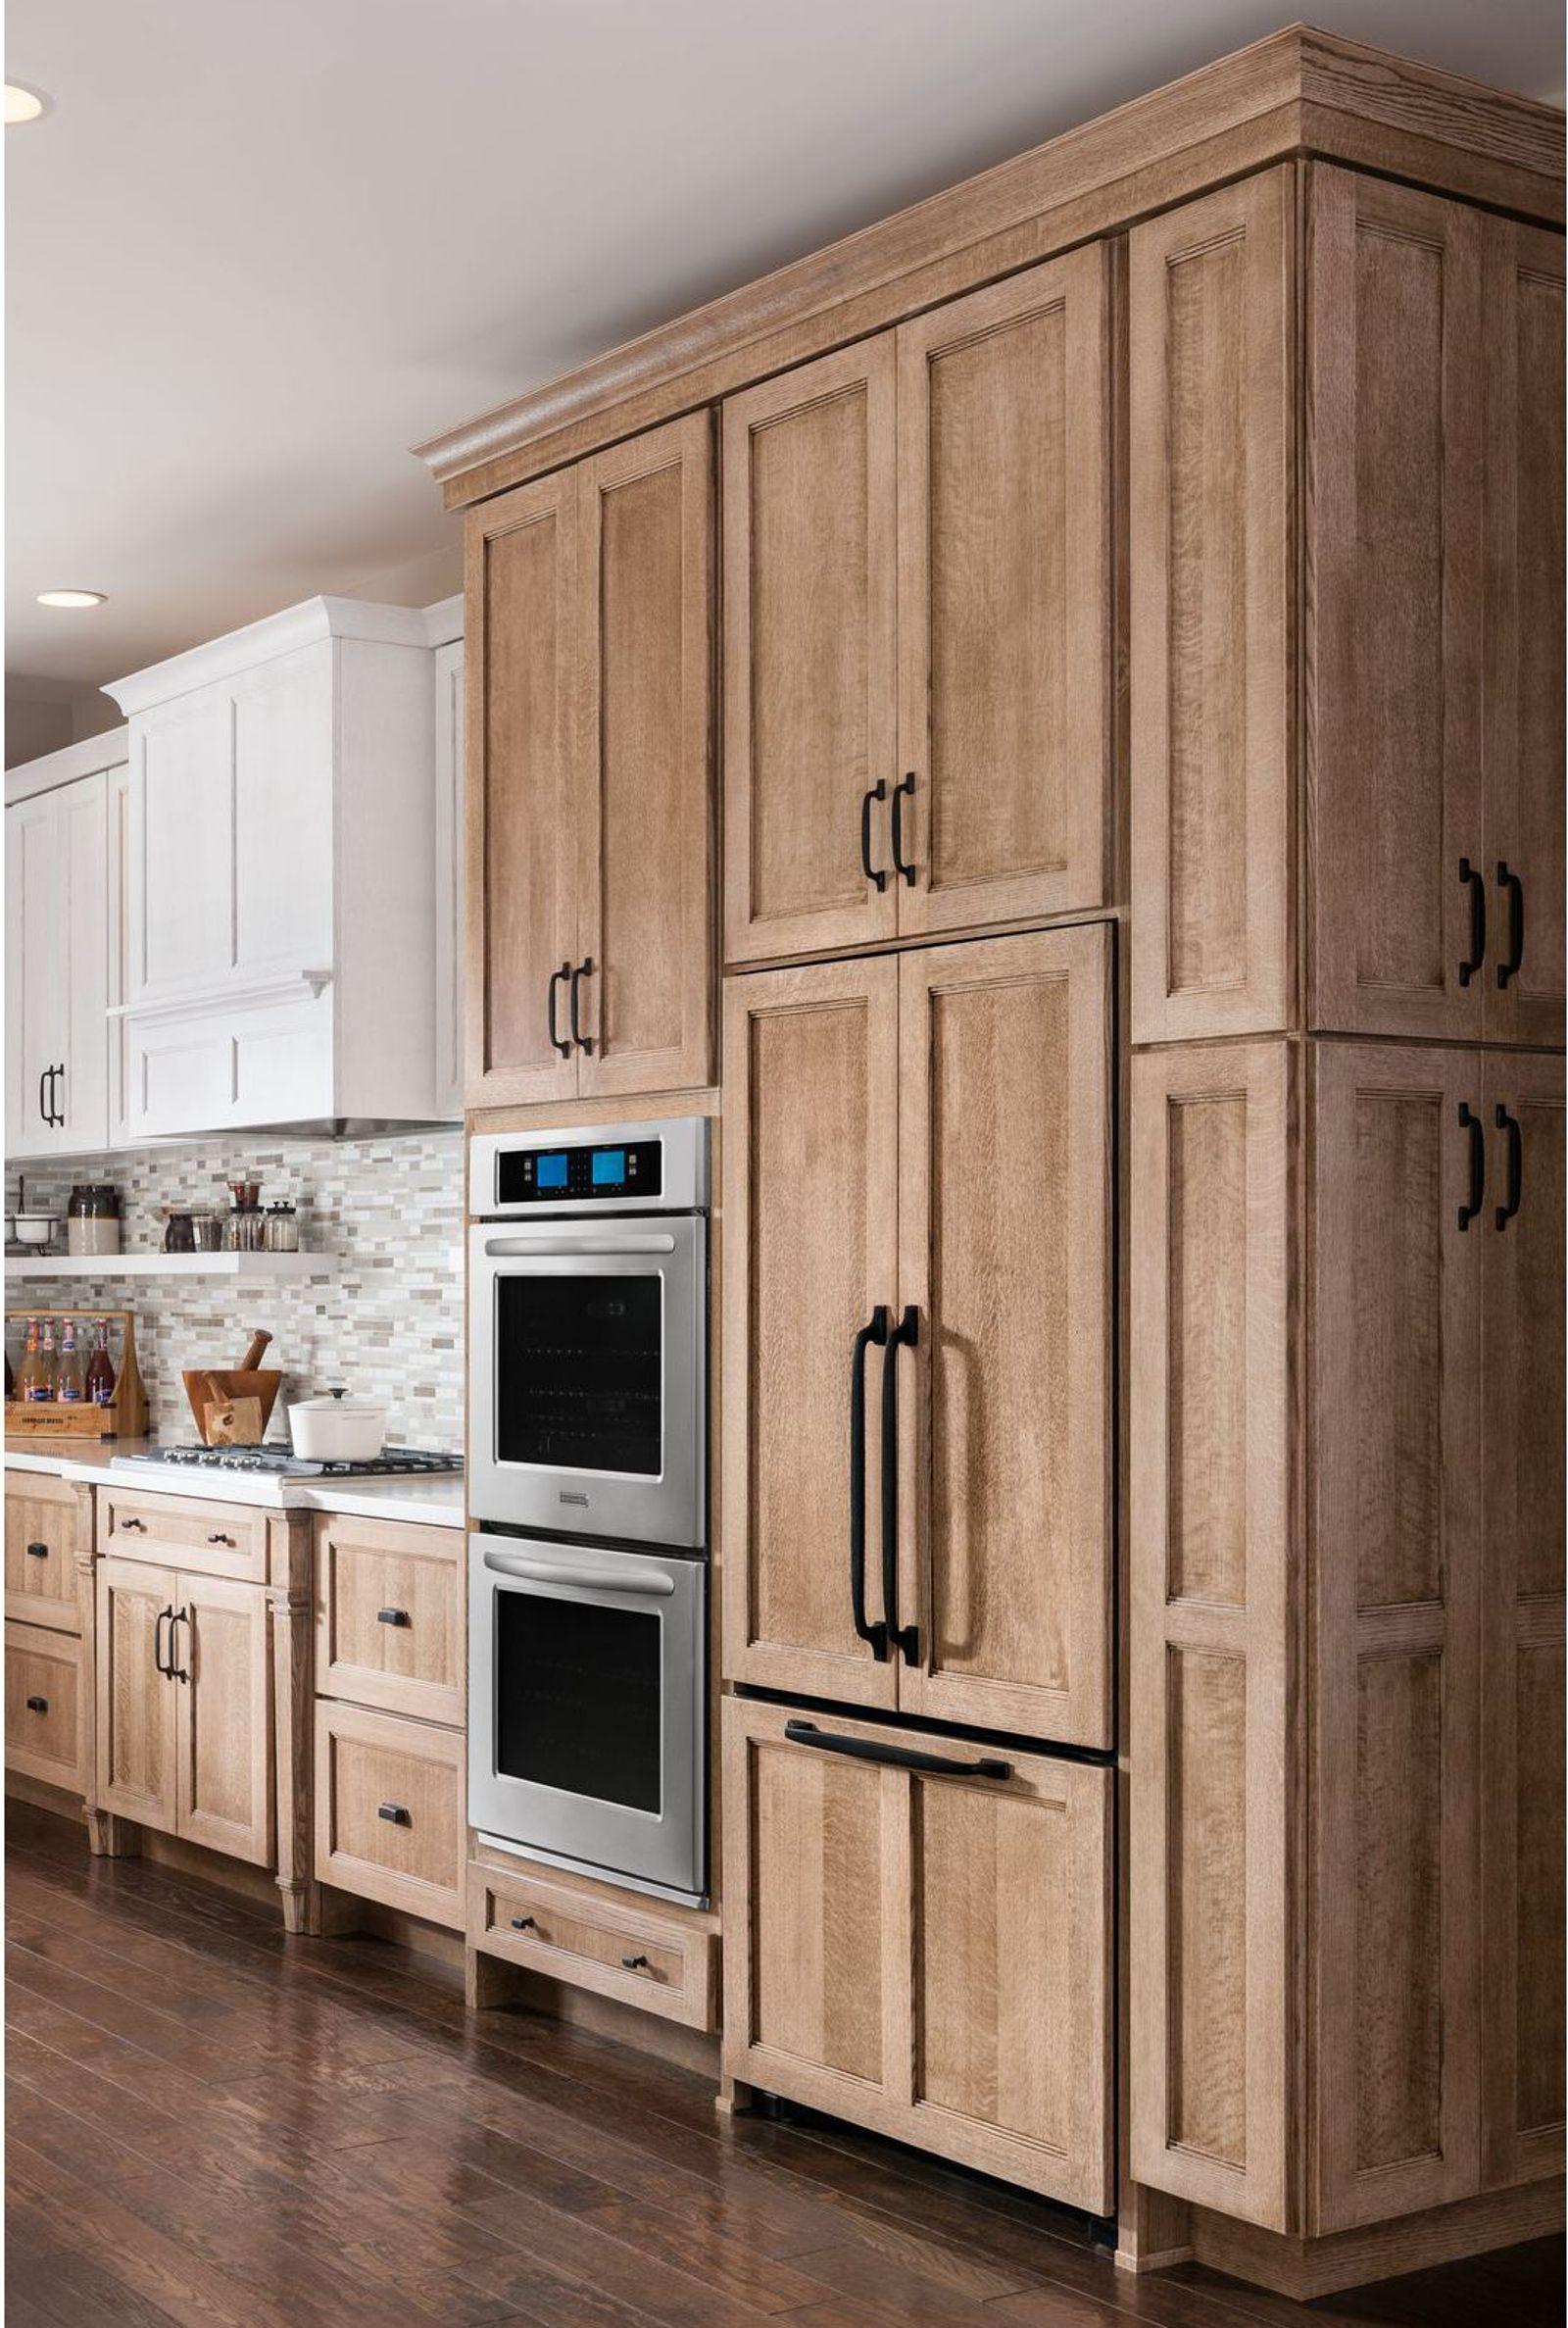 Kitchenaid Kfco22evbl 21 9 Cu Ft French Door Refrigerator W X2f Internal Water Dis Brown Kitchen Cabinets Dream Kitchen Cabinets Kitchen Cabinet Design